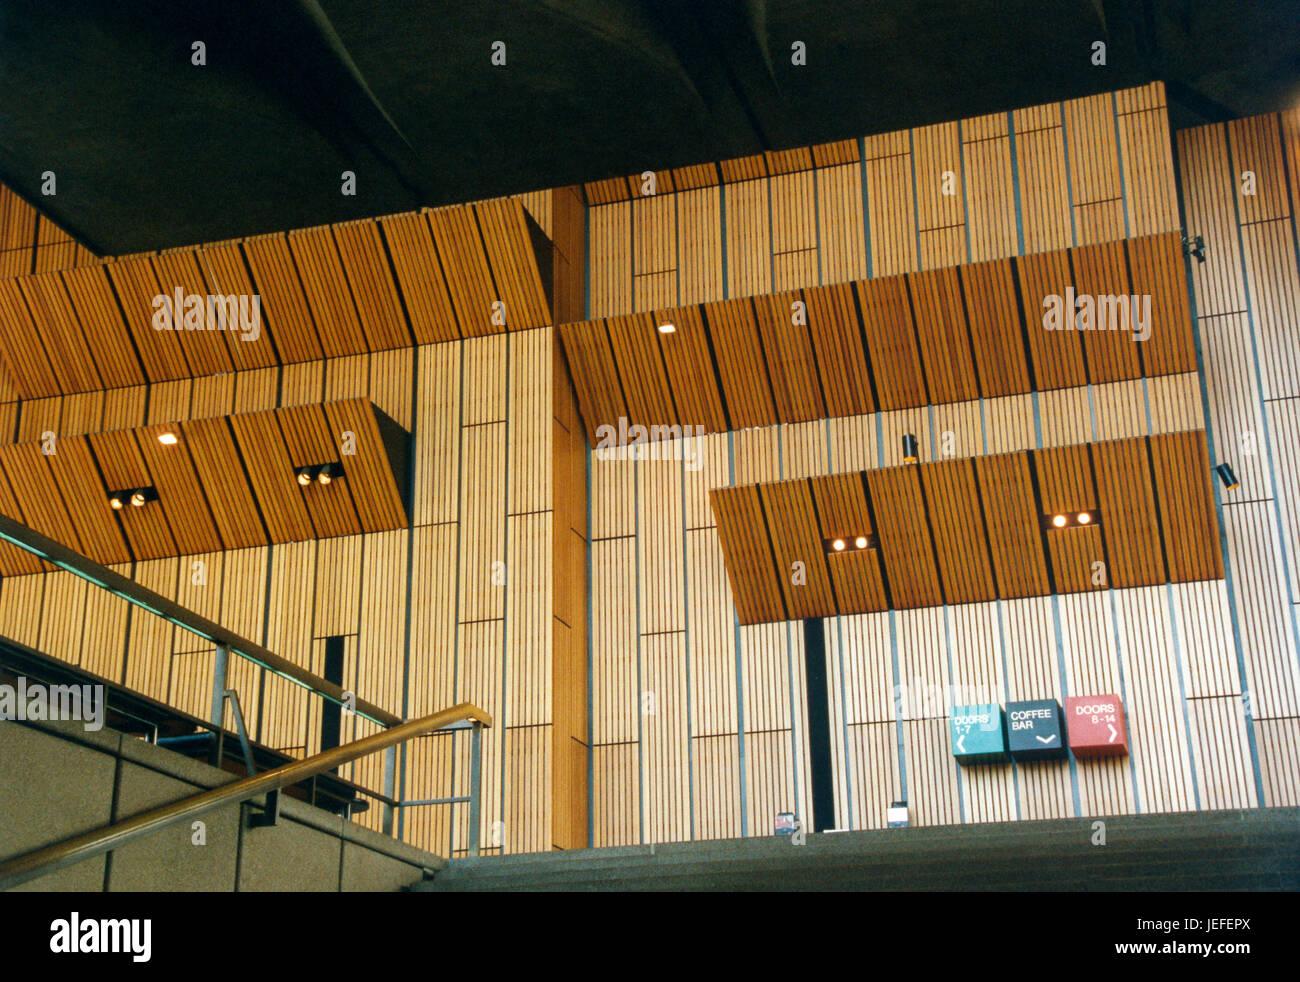 La opera house di sydney in australia con la sua facciata con